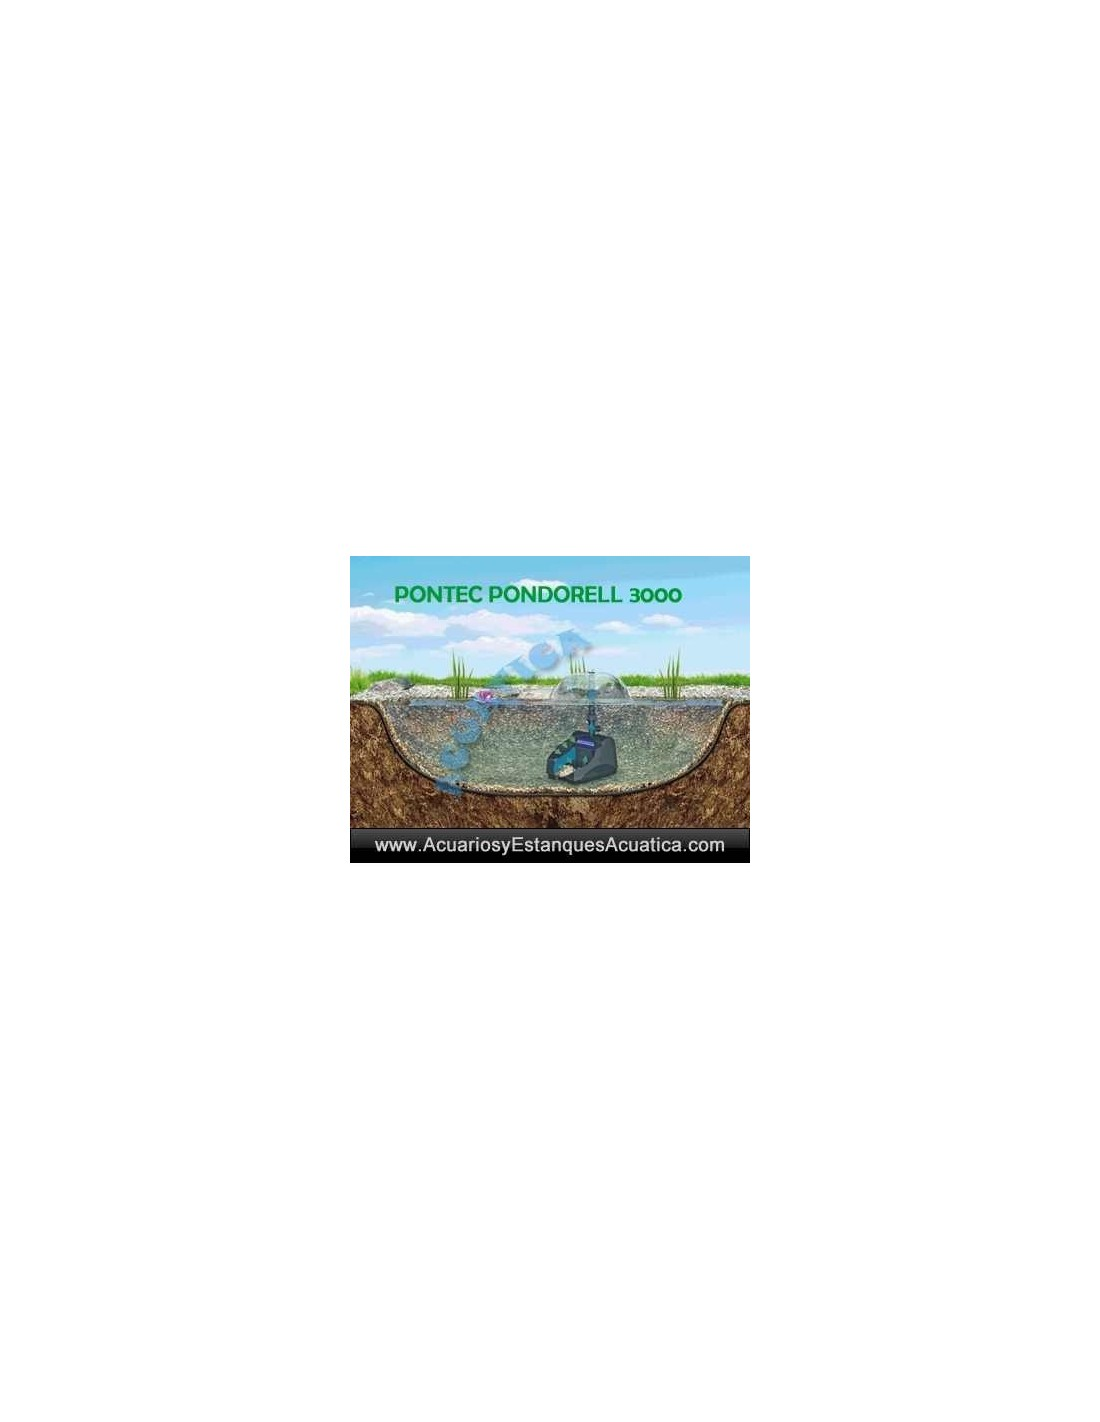 Pontec pondorell 3000 uv filtro estanques for Estanque 3000 litros